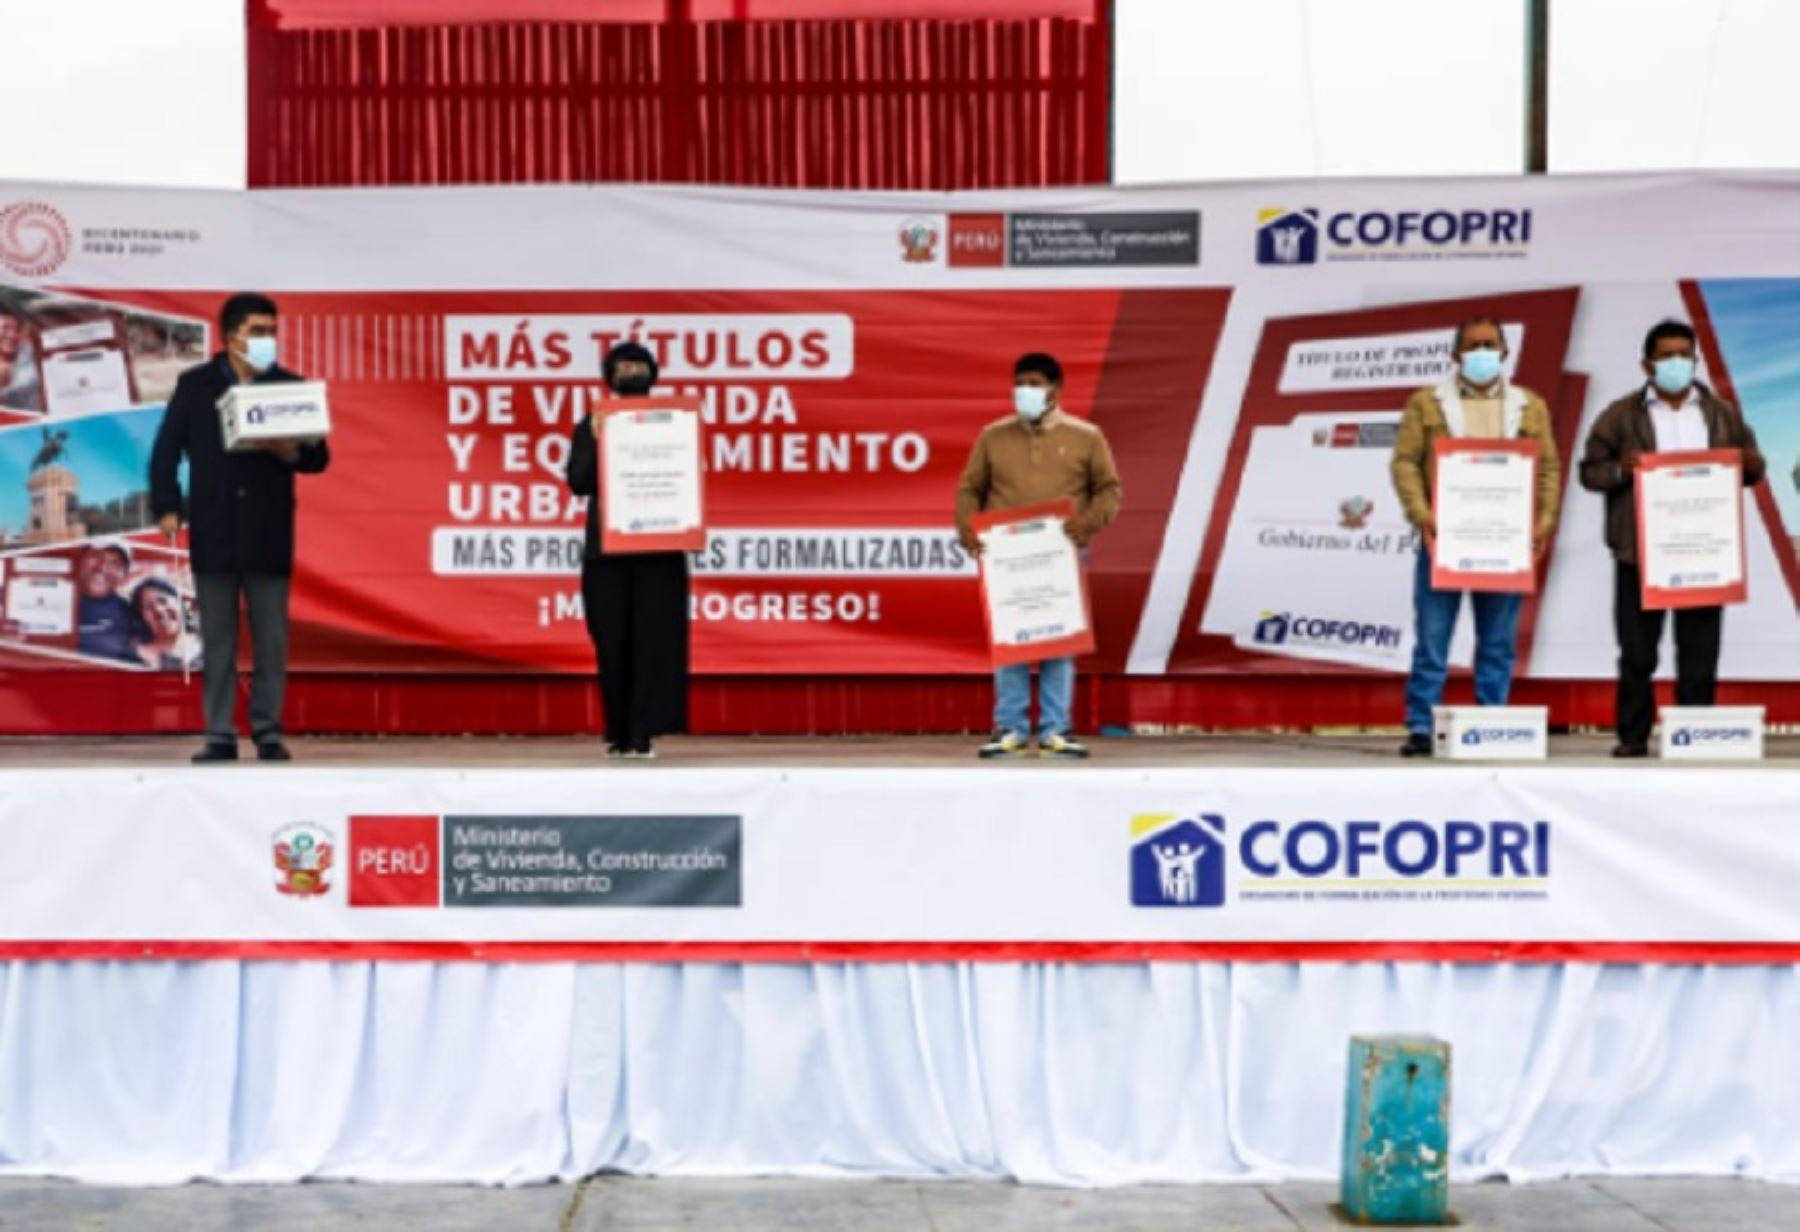 Ica: Cofopri entrega 3,311 títulos de viviendas y equipamientos urbanos